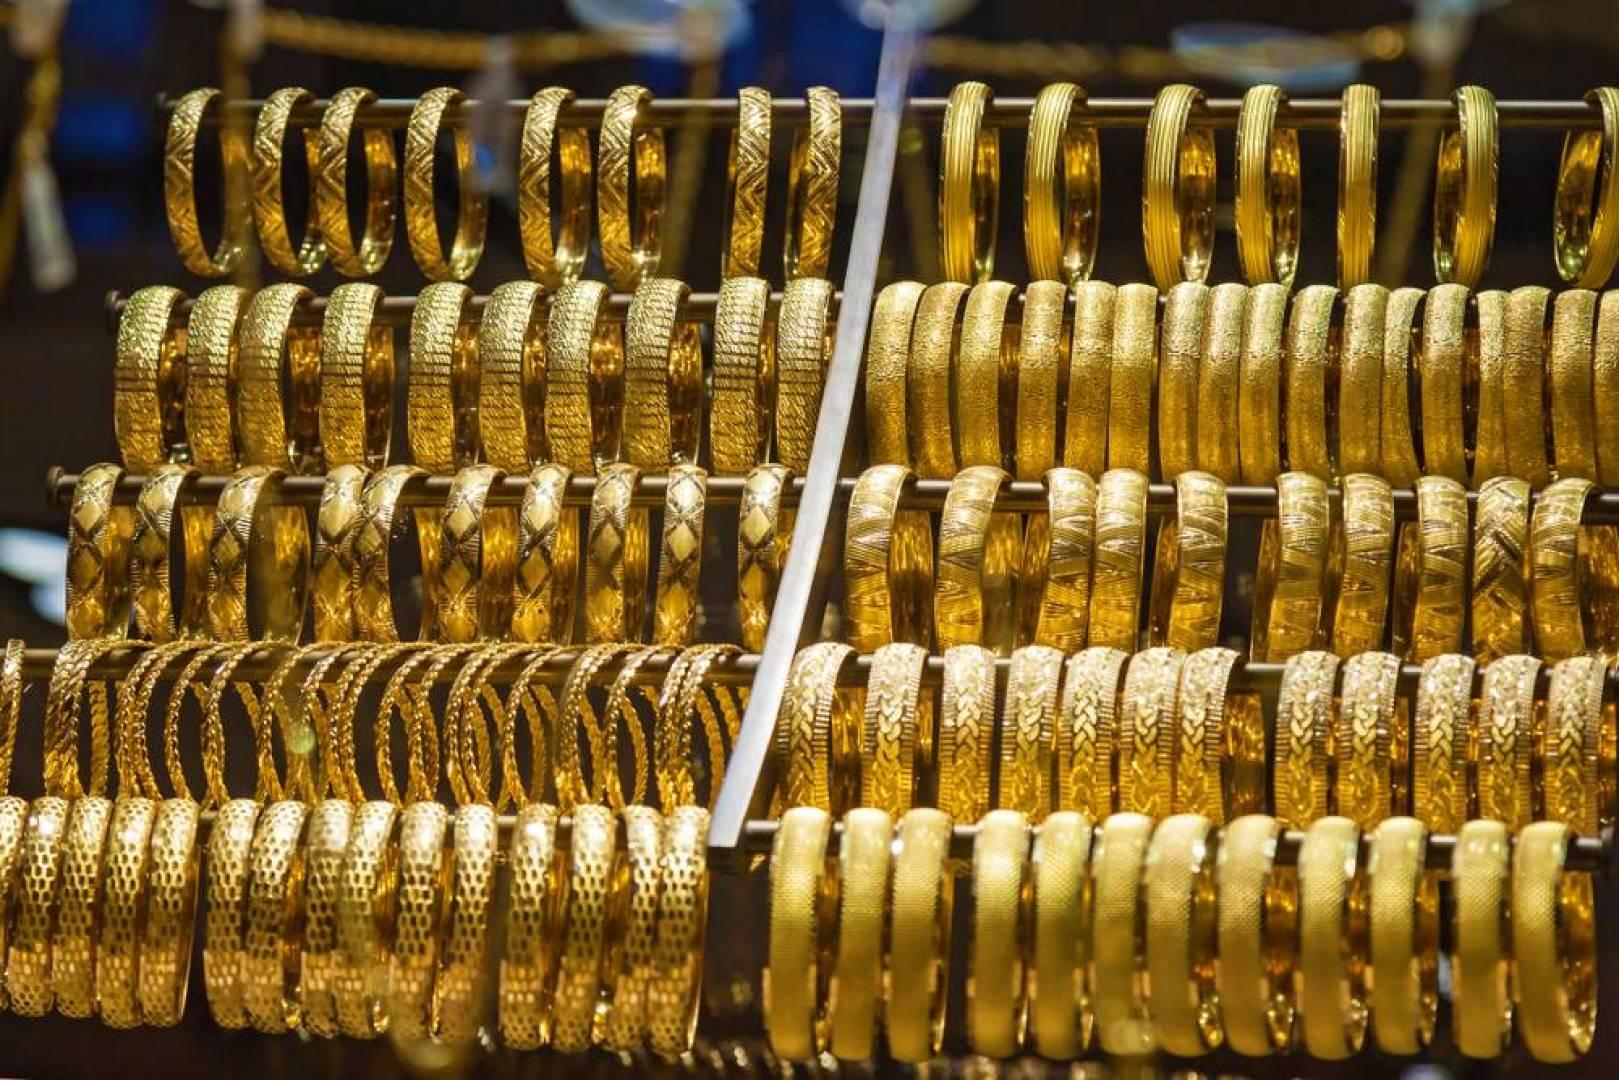 سعر الذهب في سوريا اليوم الخميس 15-10-2020 سعر جرام الذهب ...